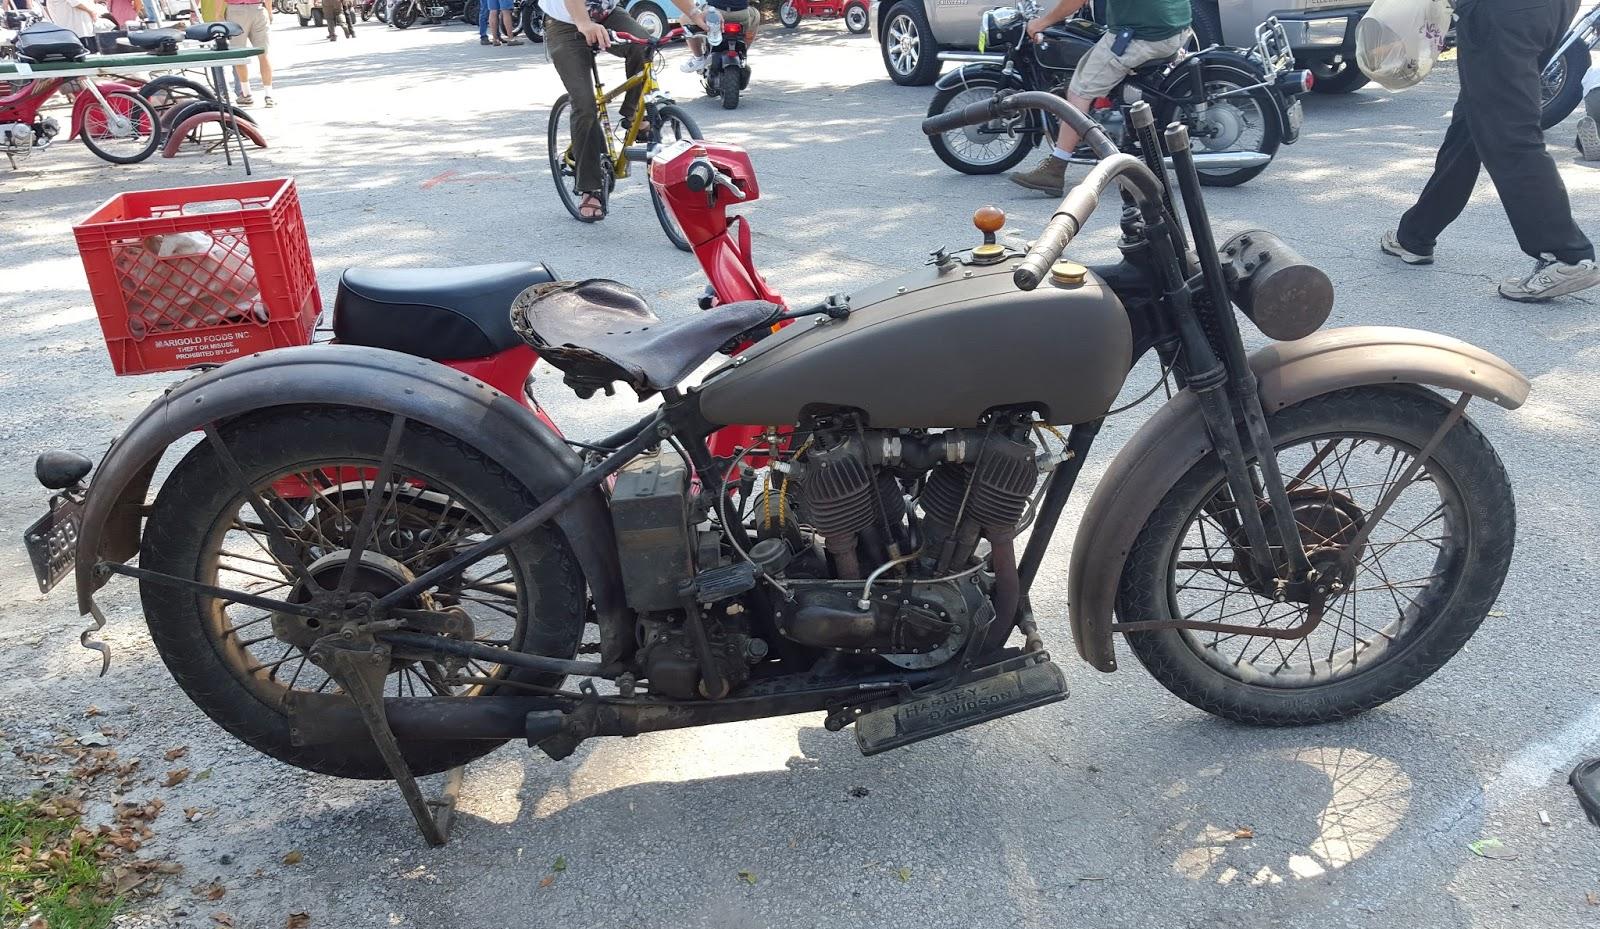 davenport motorcycle swap meet 2009